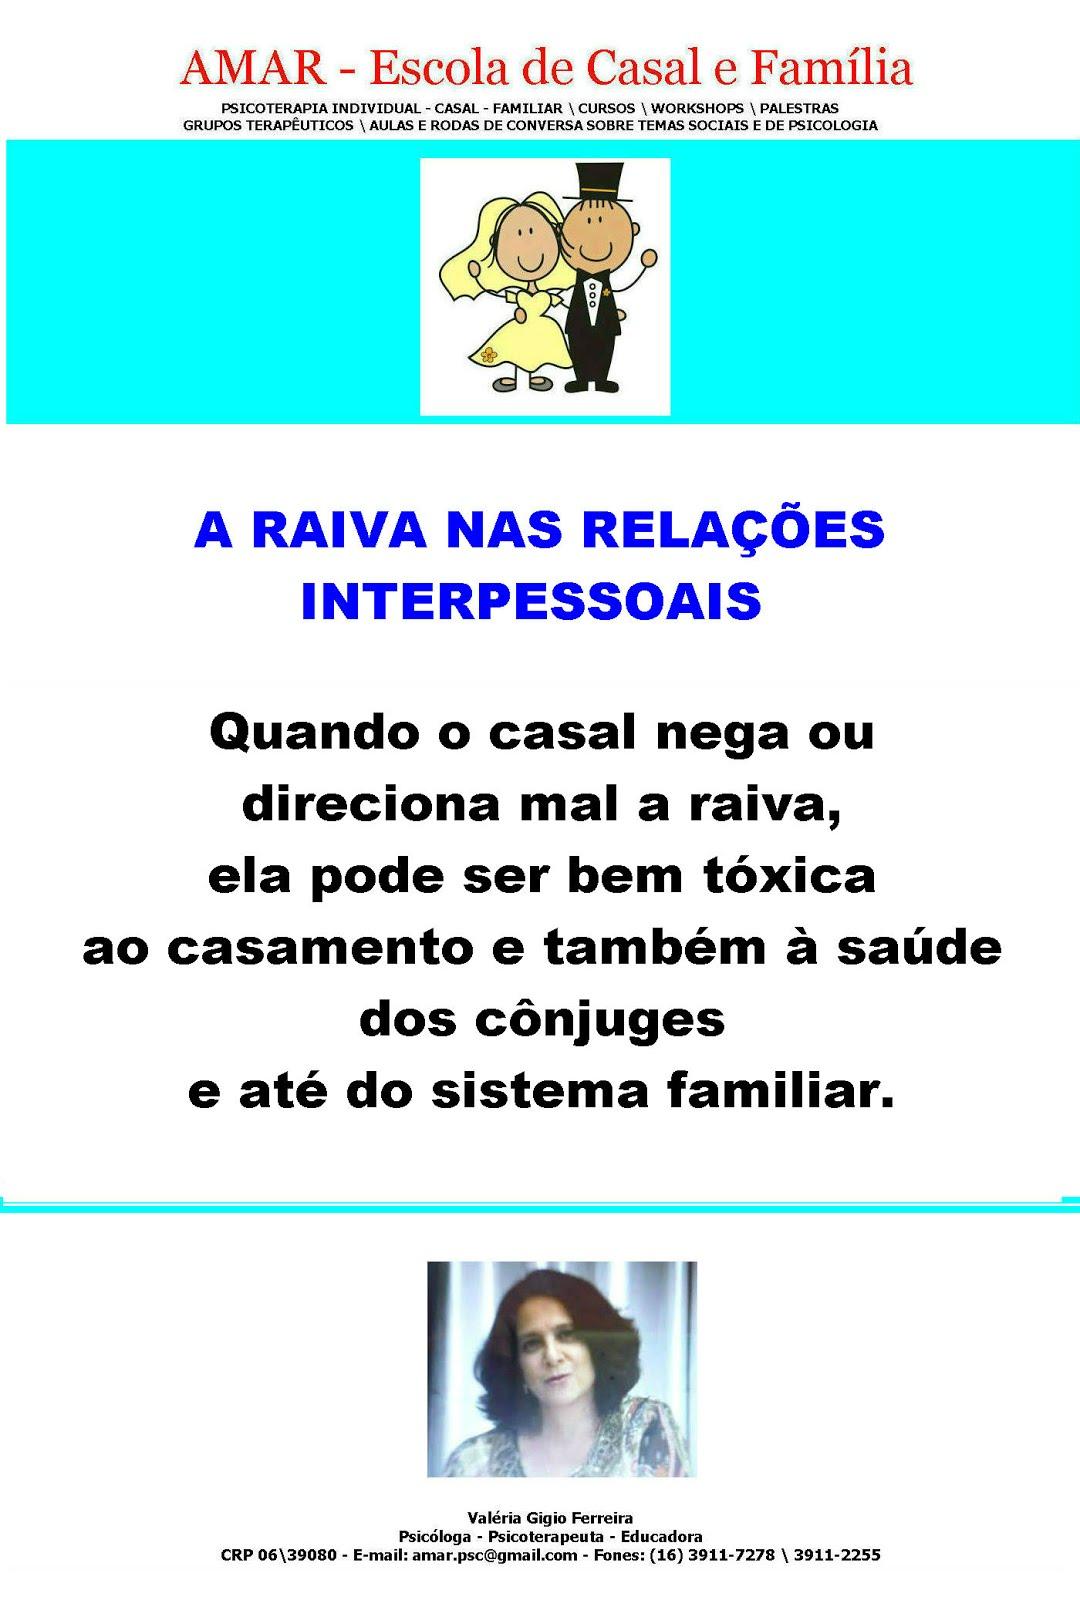 SOBRE A RAIVA NAS RELAÇÕES...